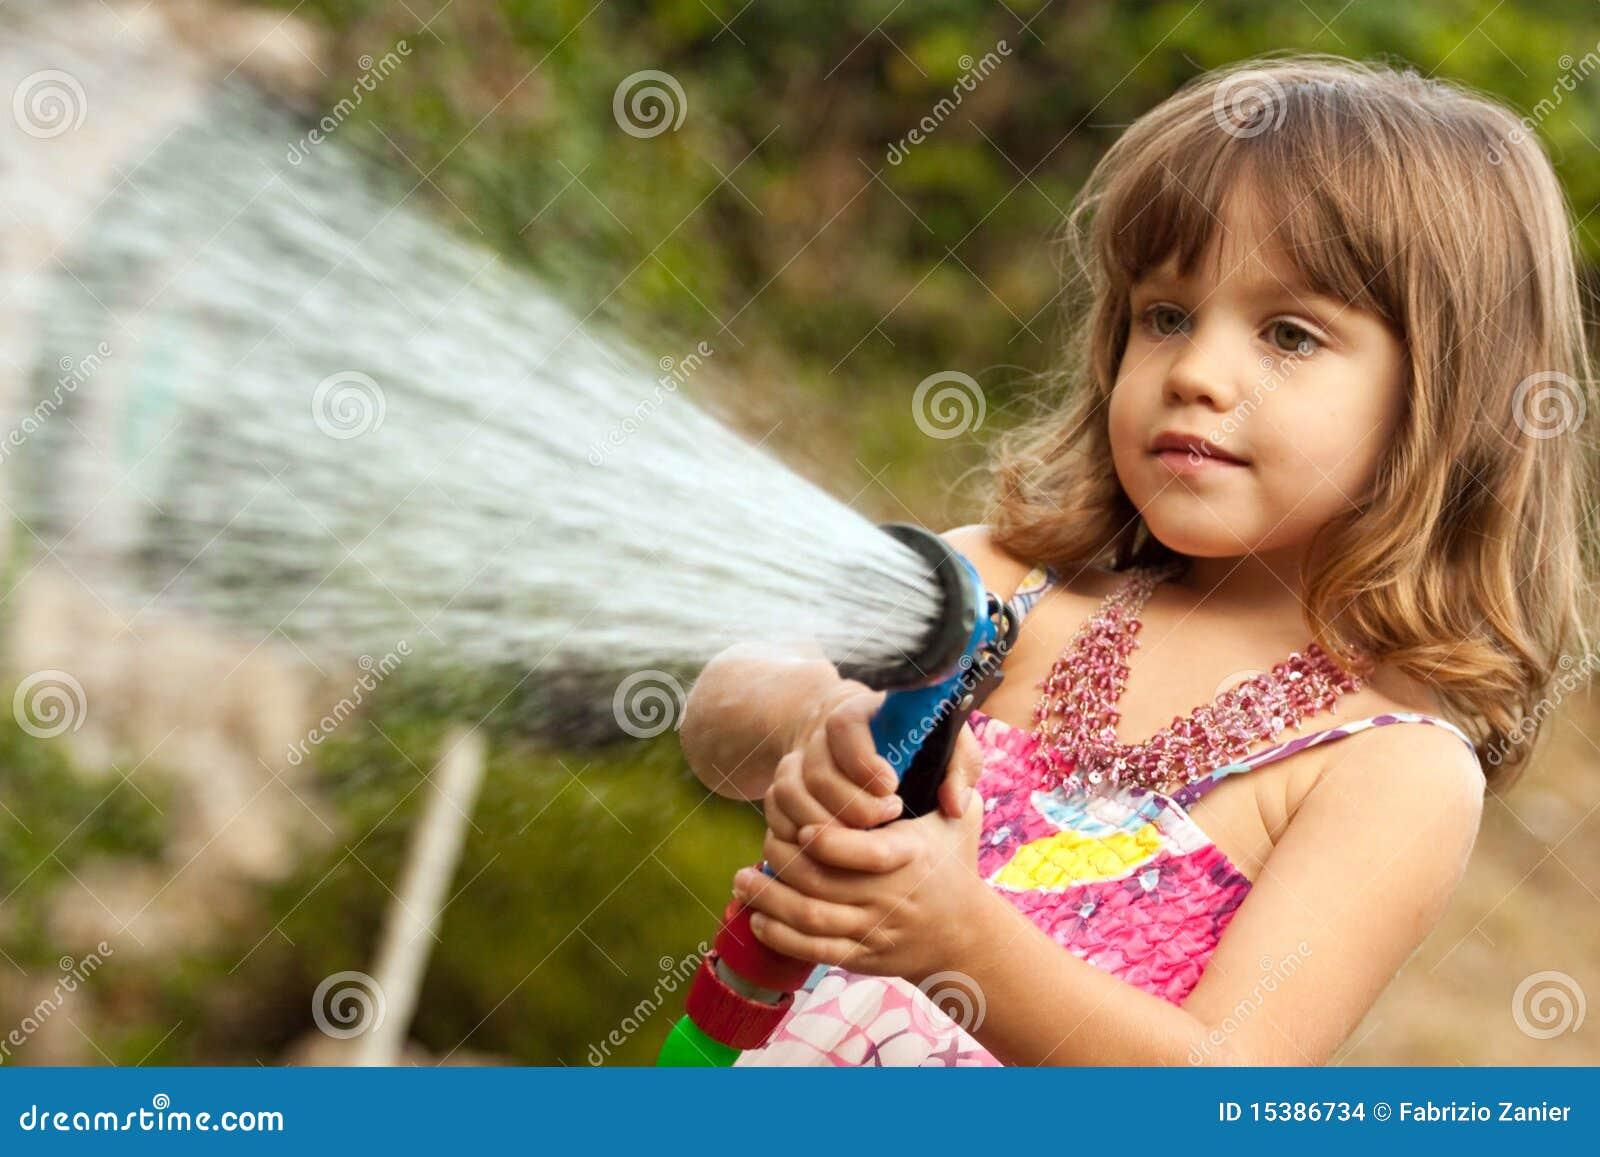 Flicka little leka vatten